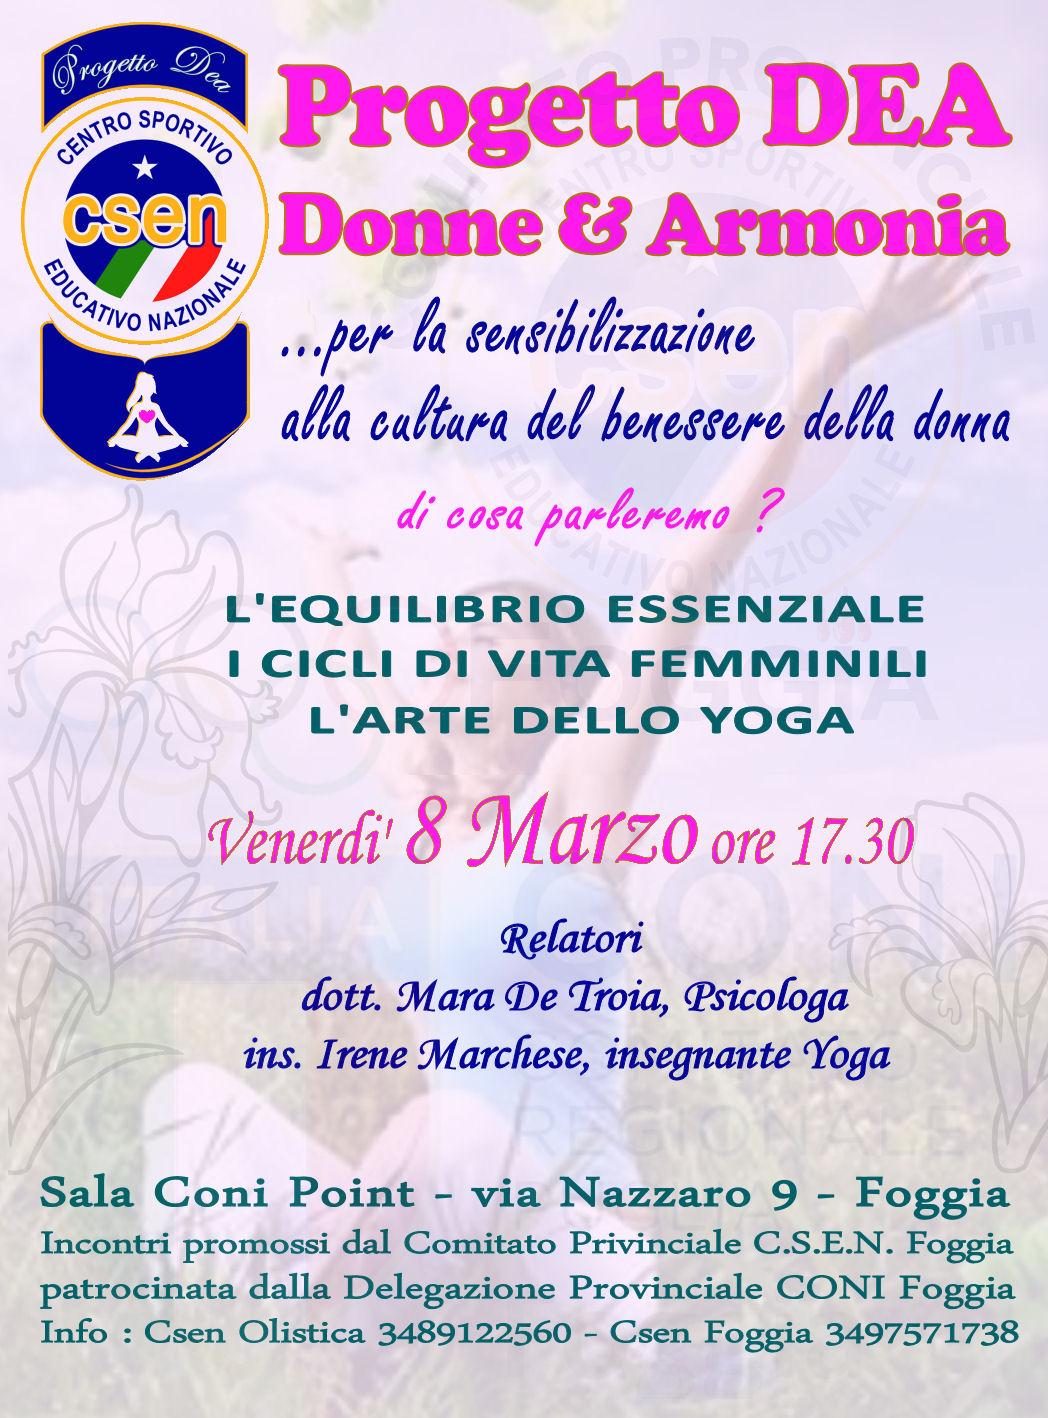 Progetto Dea : Donne & Armonia